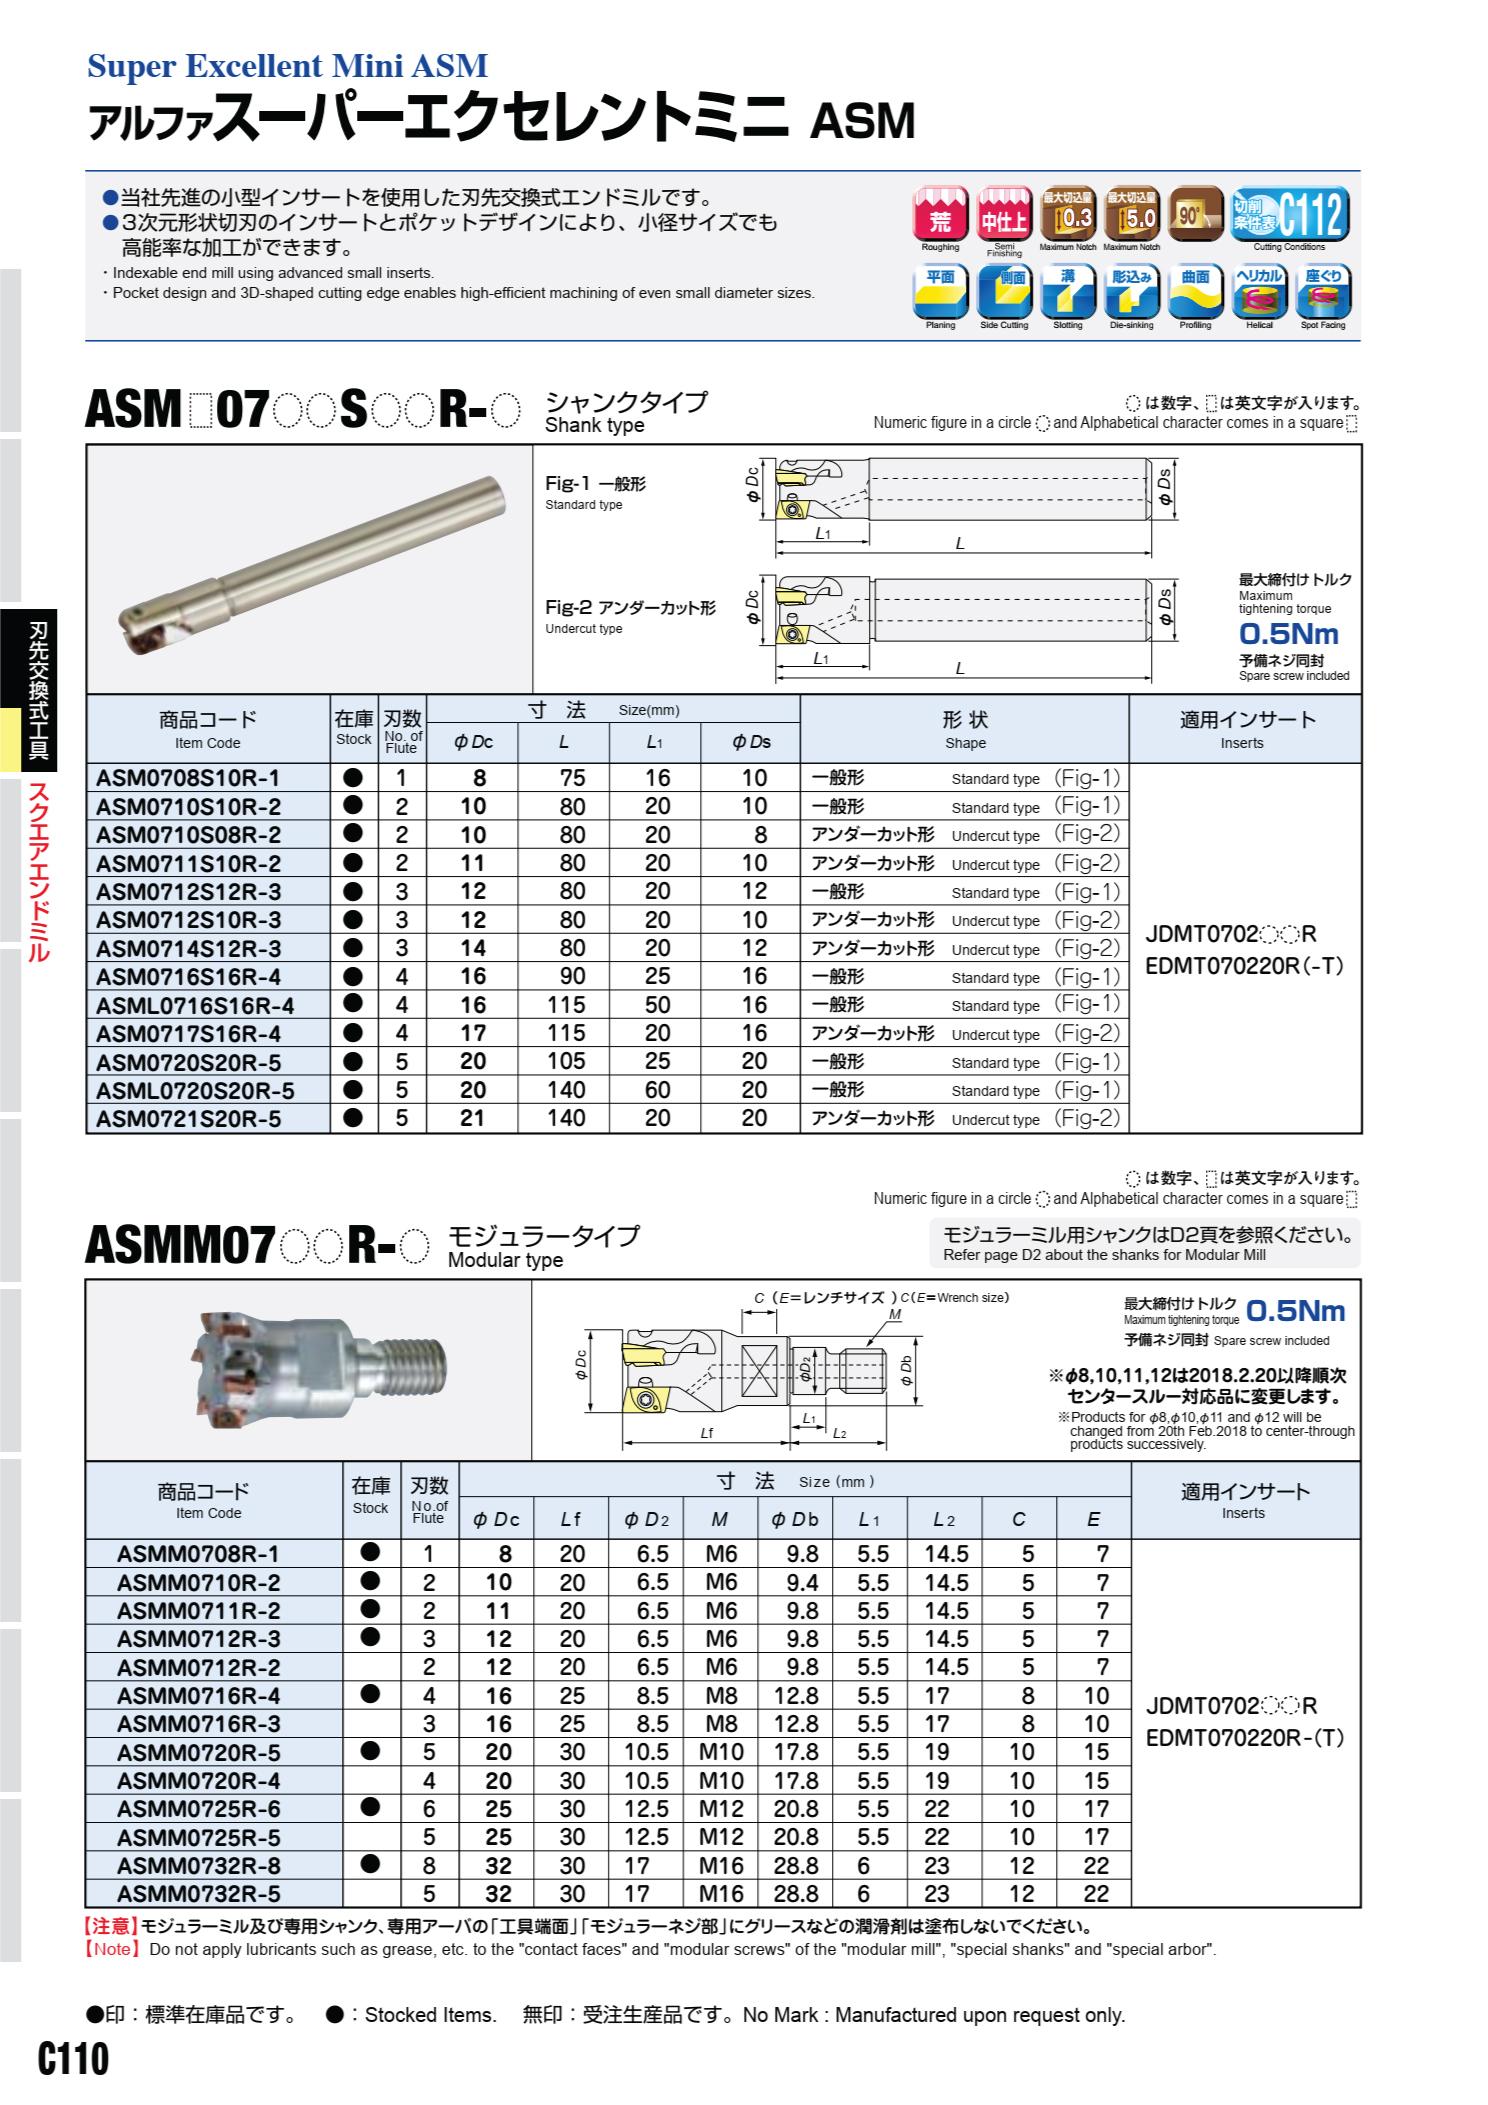 Mảnh Insert Phay Hitachi Moldino JDMT Lắp Cán Dao ASM 2